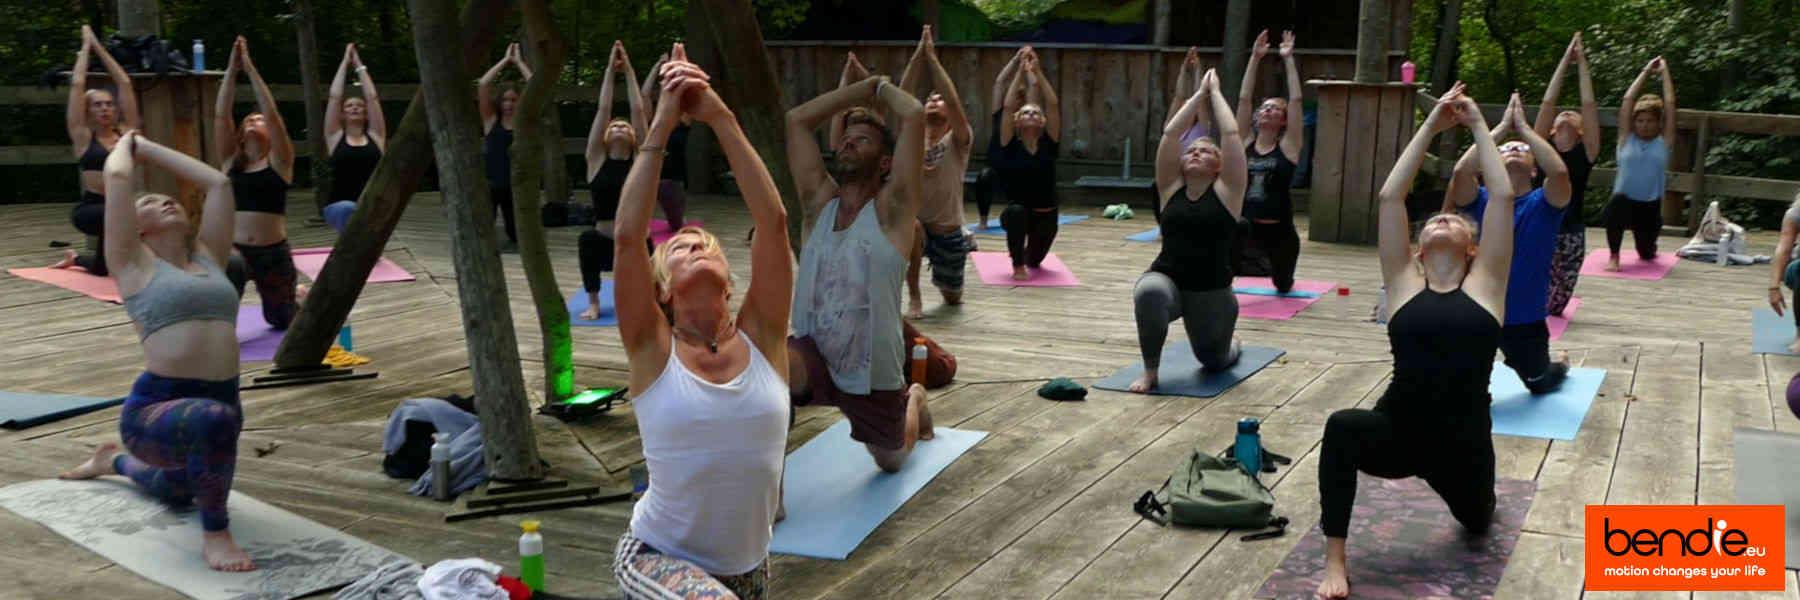 Yoga in Leeuwarden bij Bendie. Anjaneyasana pose.